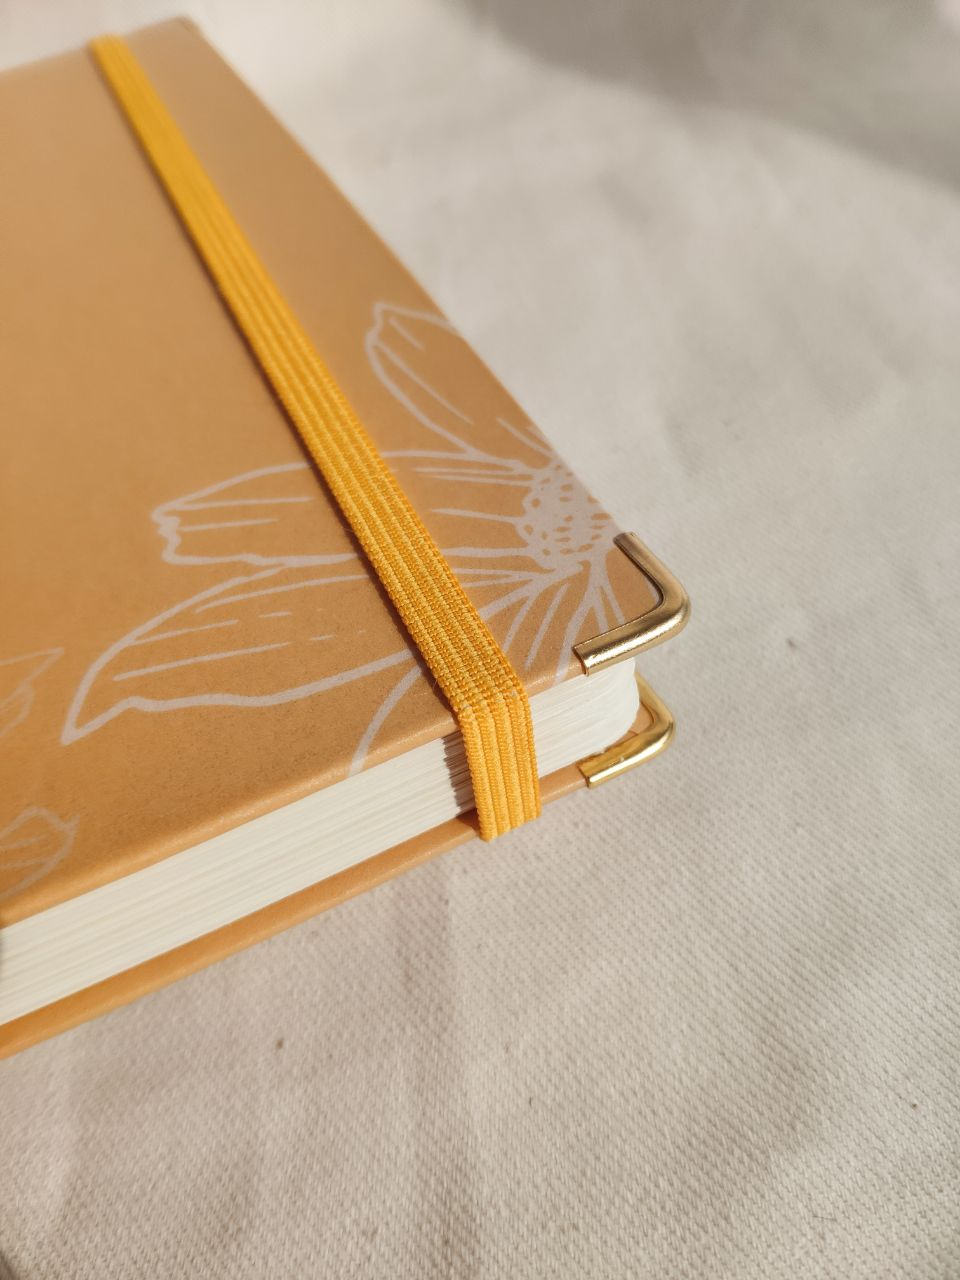 caderneta daisies papel 120g/m²